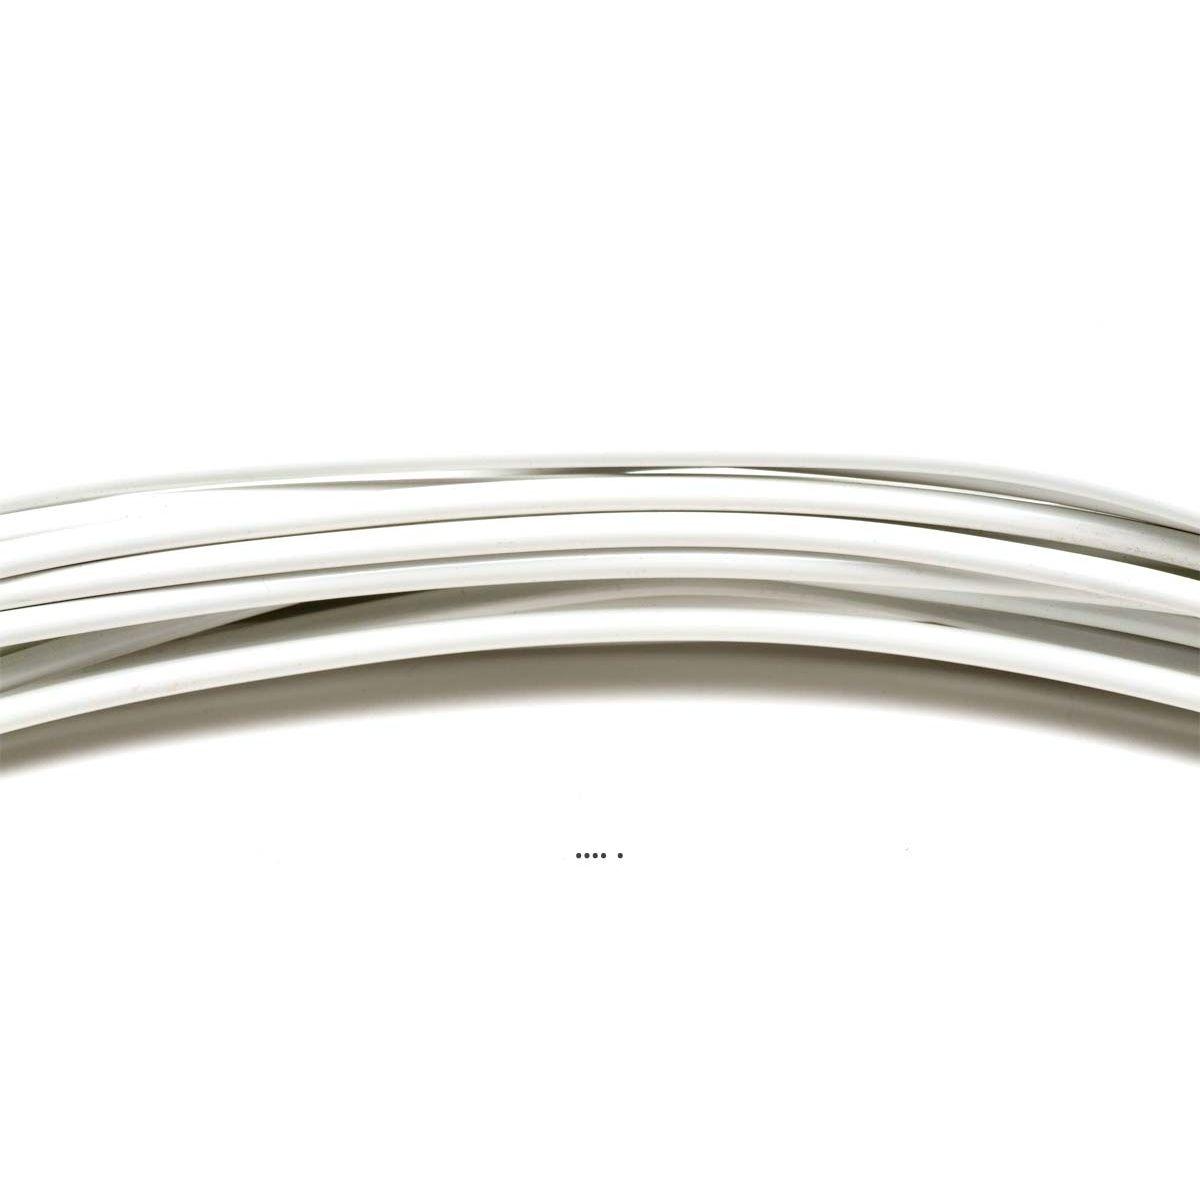 Fil aluminium Blanc souple D 2 mm L 12 metres decoration - choisissez votre coloris: Blanc